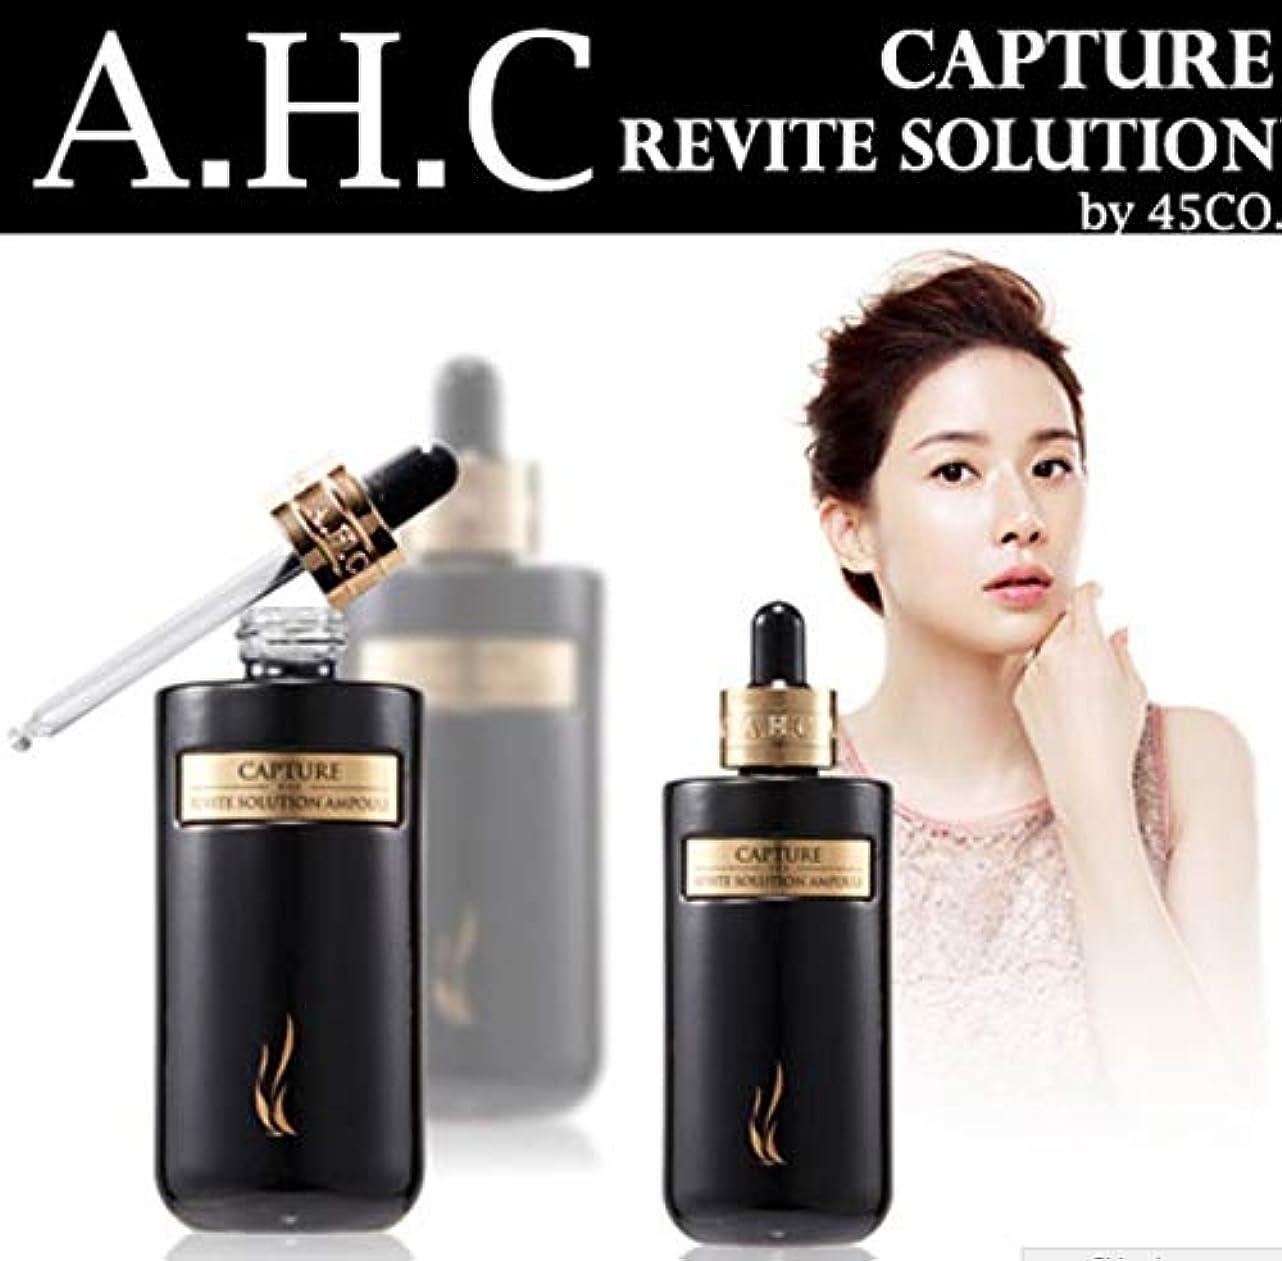 ファイター役立つ振る[A.H.C] キャプティブリバイトソリューションアンプル50ml / Capture Revite Solution Ampoule 50ml / ホワイトニング、ヒアルロン酸/韓国化粧品 / Whitening, hyaluronic...